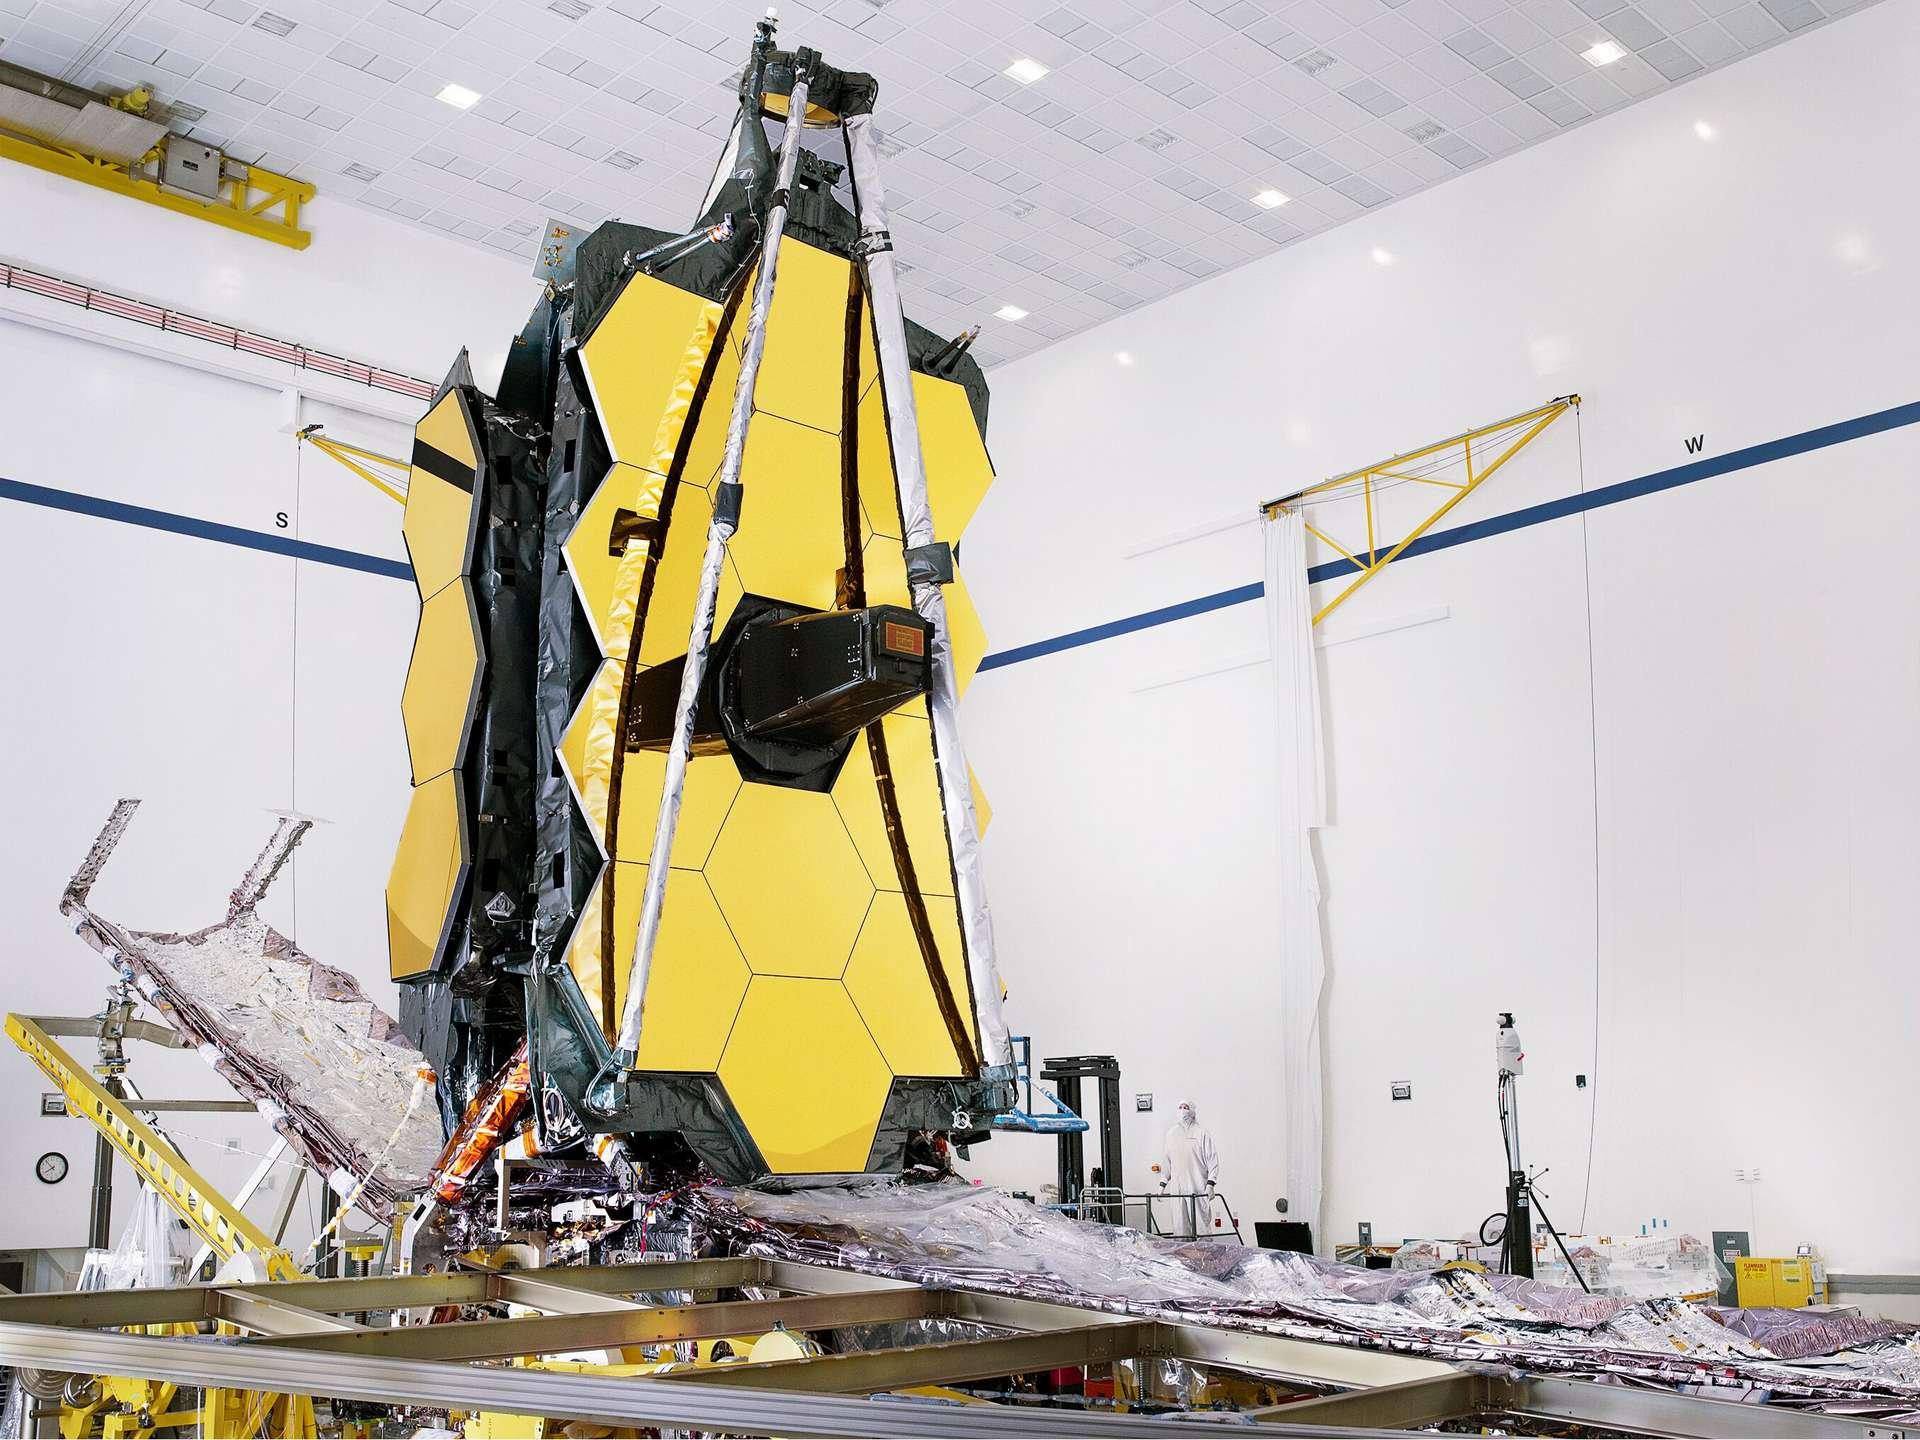 Le James Webb Space Telescope (JWST) intégralement assemblé entreposé dans son hangar. © Nasa, Chris Gunn